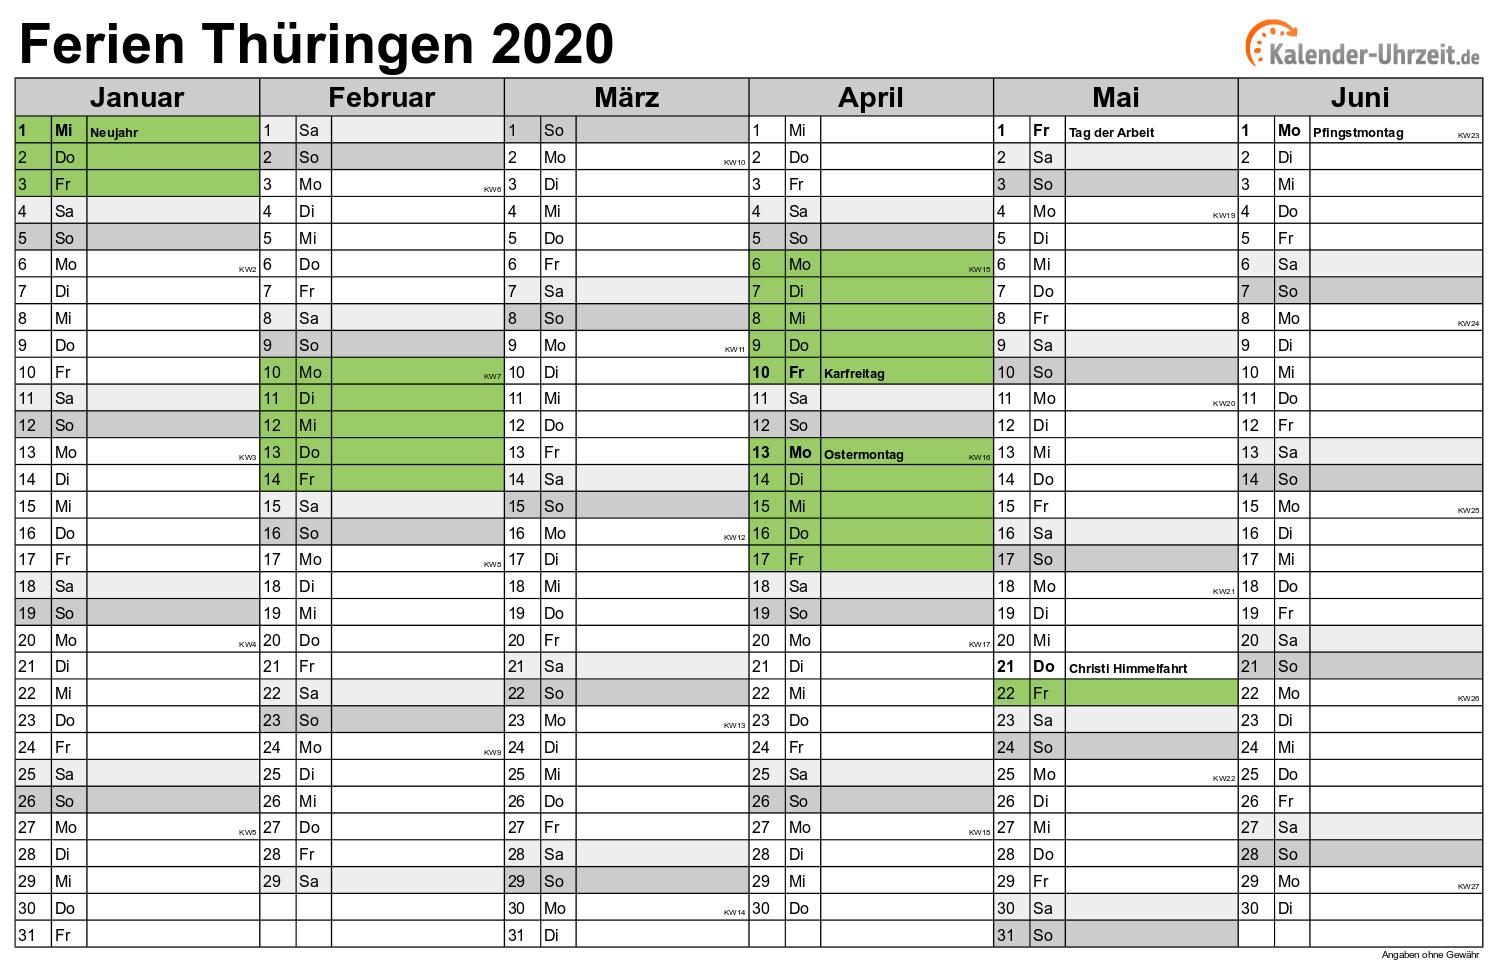 Feiertage 2020 ThГјringen